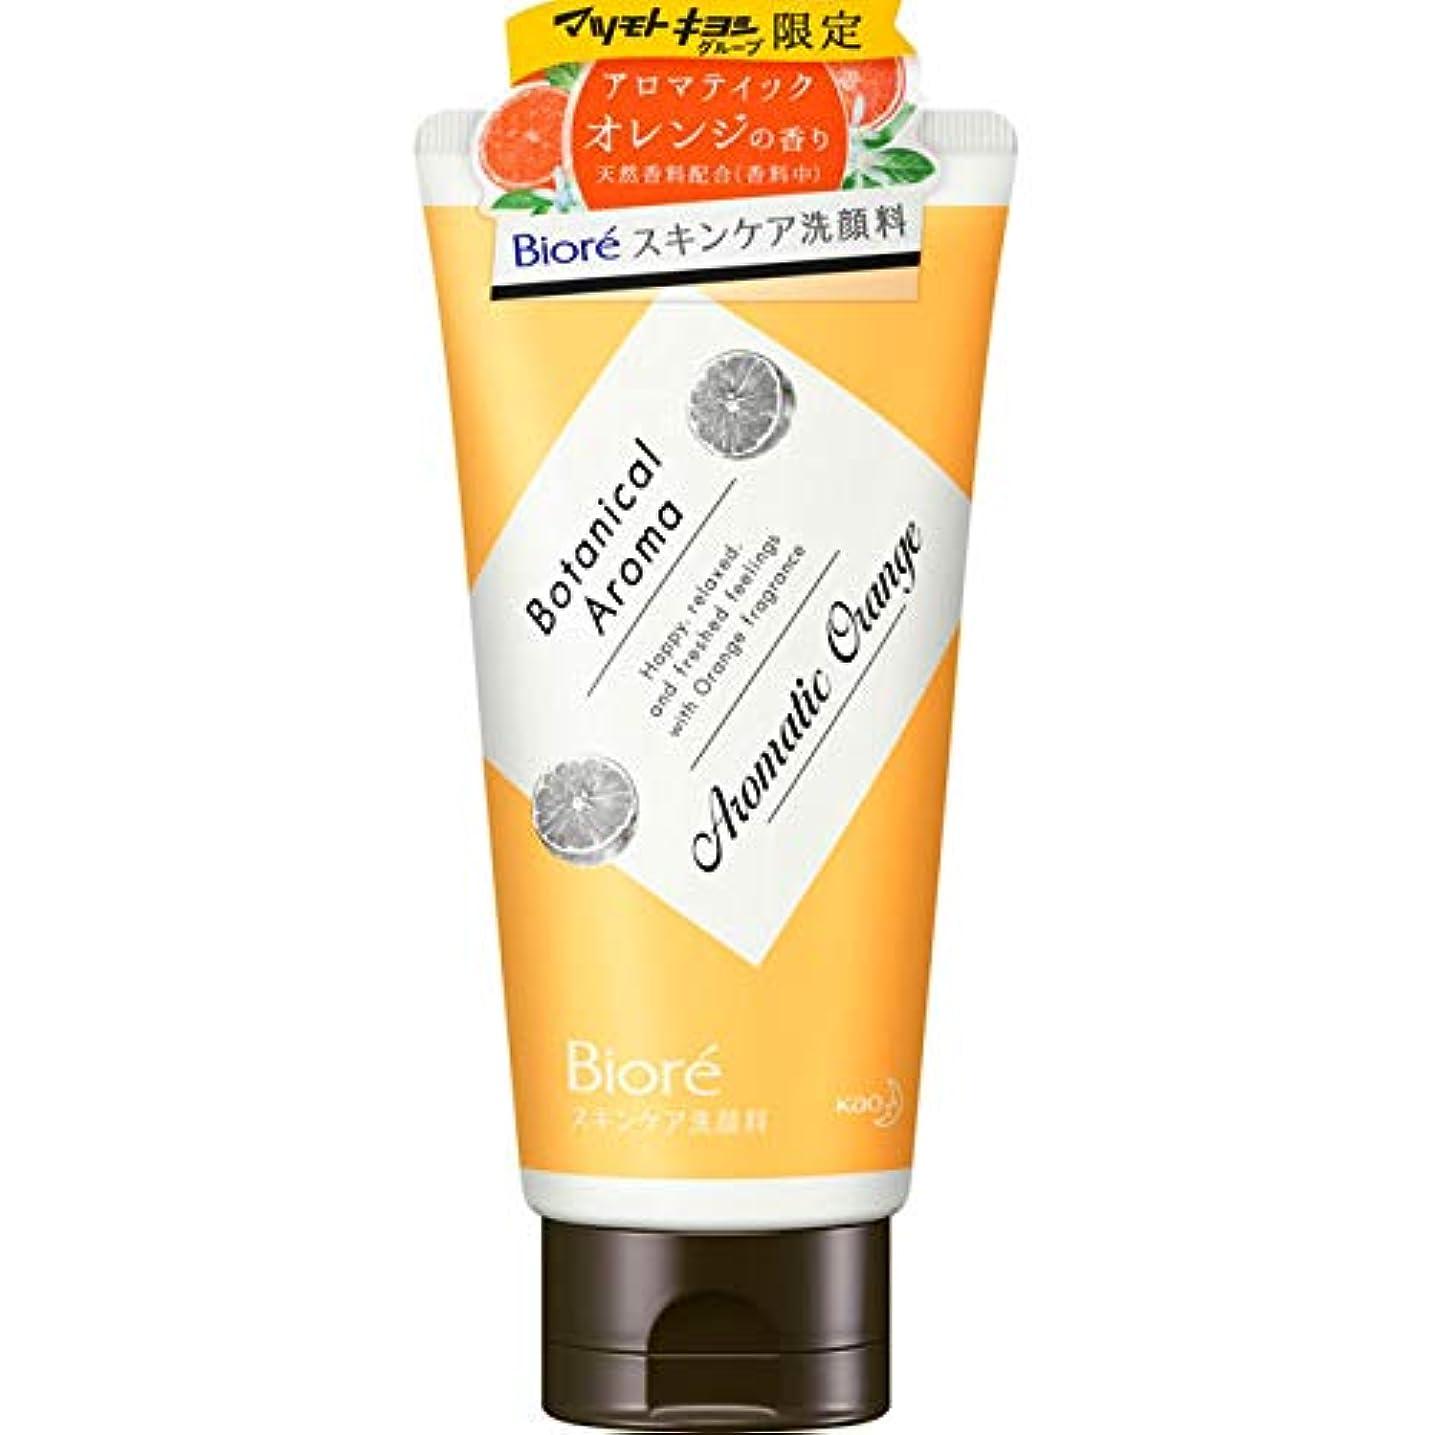 苦痛氷手首MK ビオレ スキンケア洗顔料 アロマティックオレンジの香り 130G